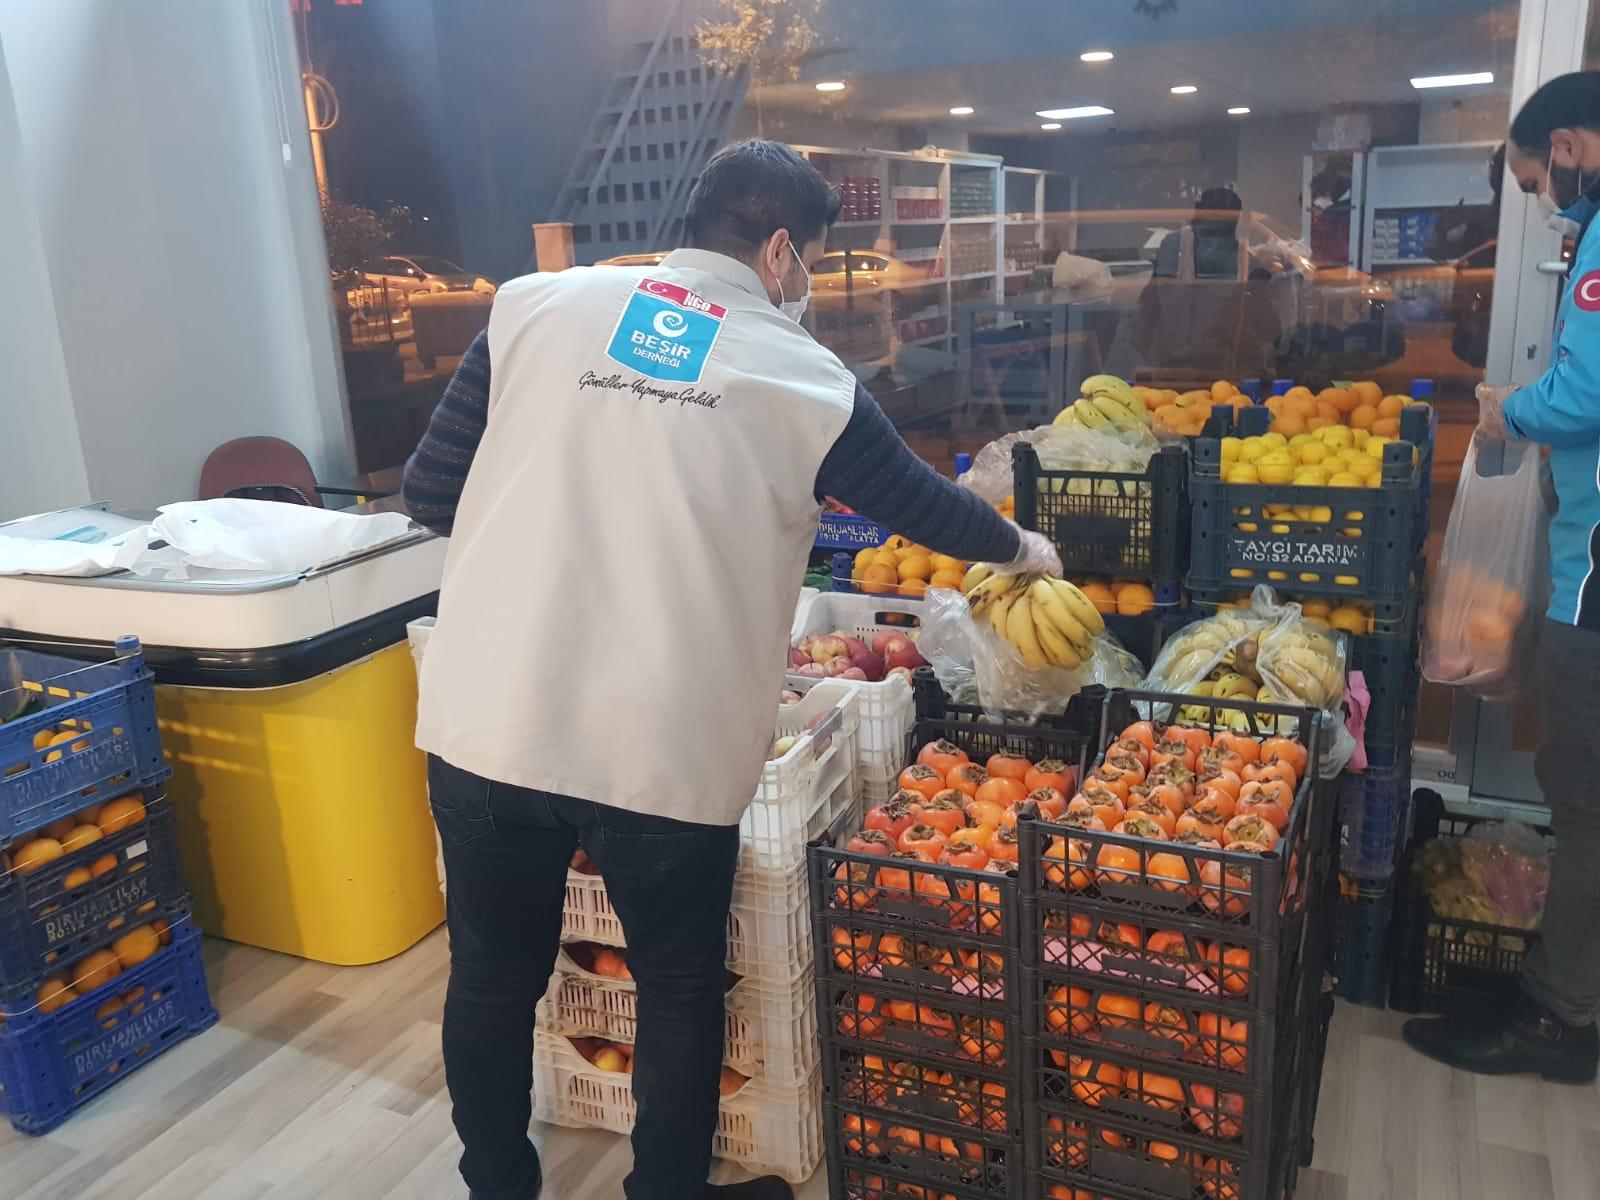 Malatya Temsilciliğimizden Kışlık Giyim Sebze Meyve Dağıtımı